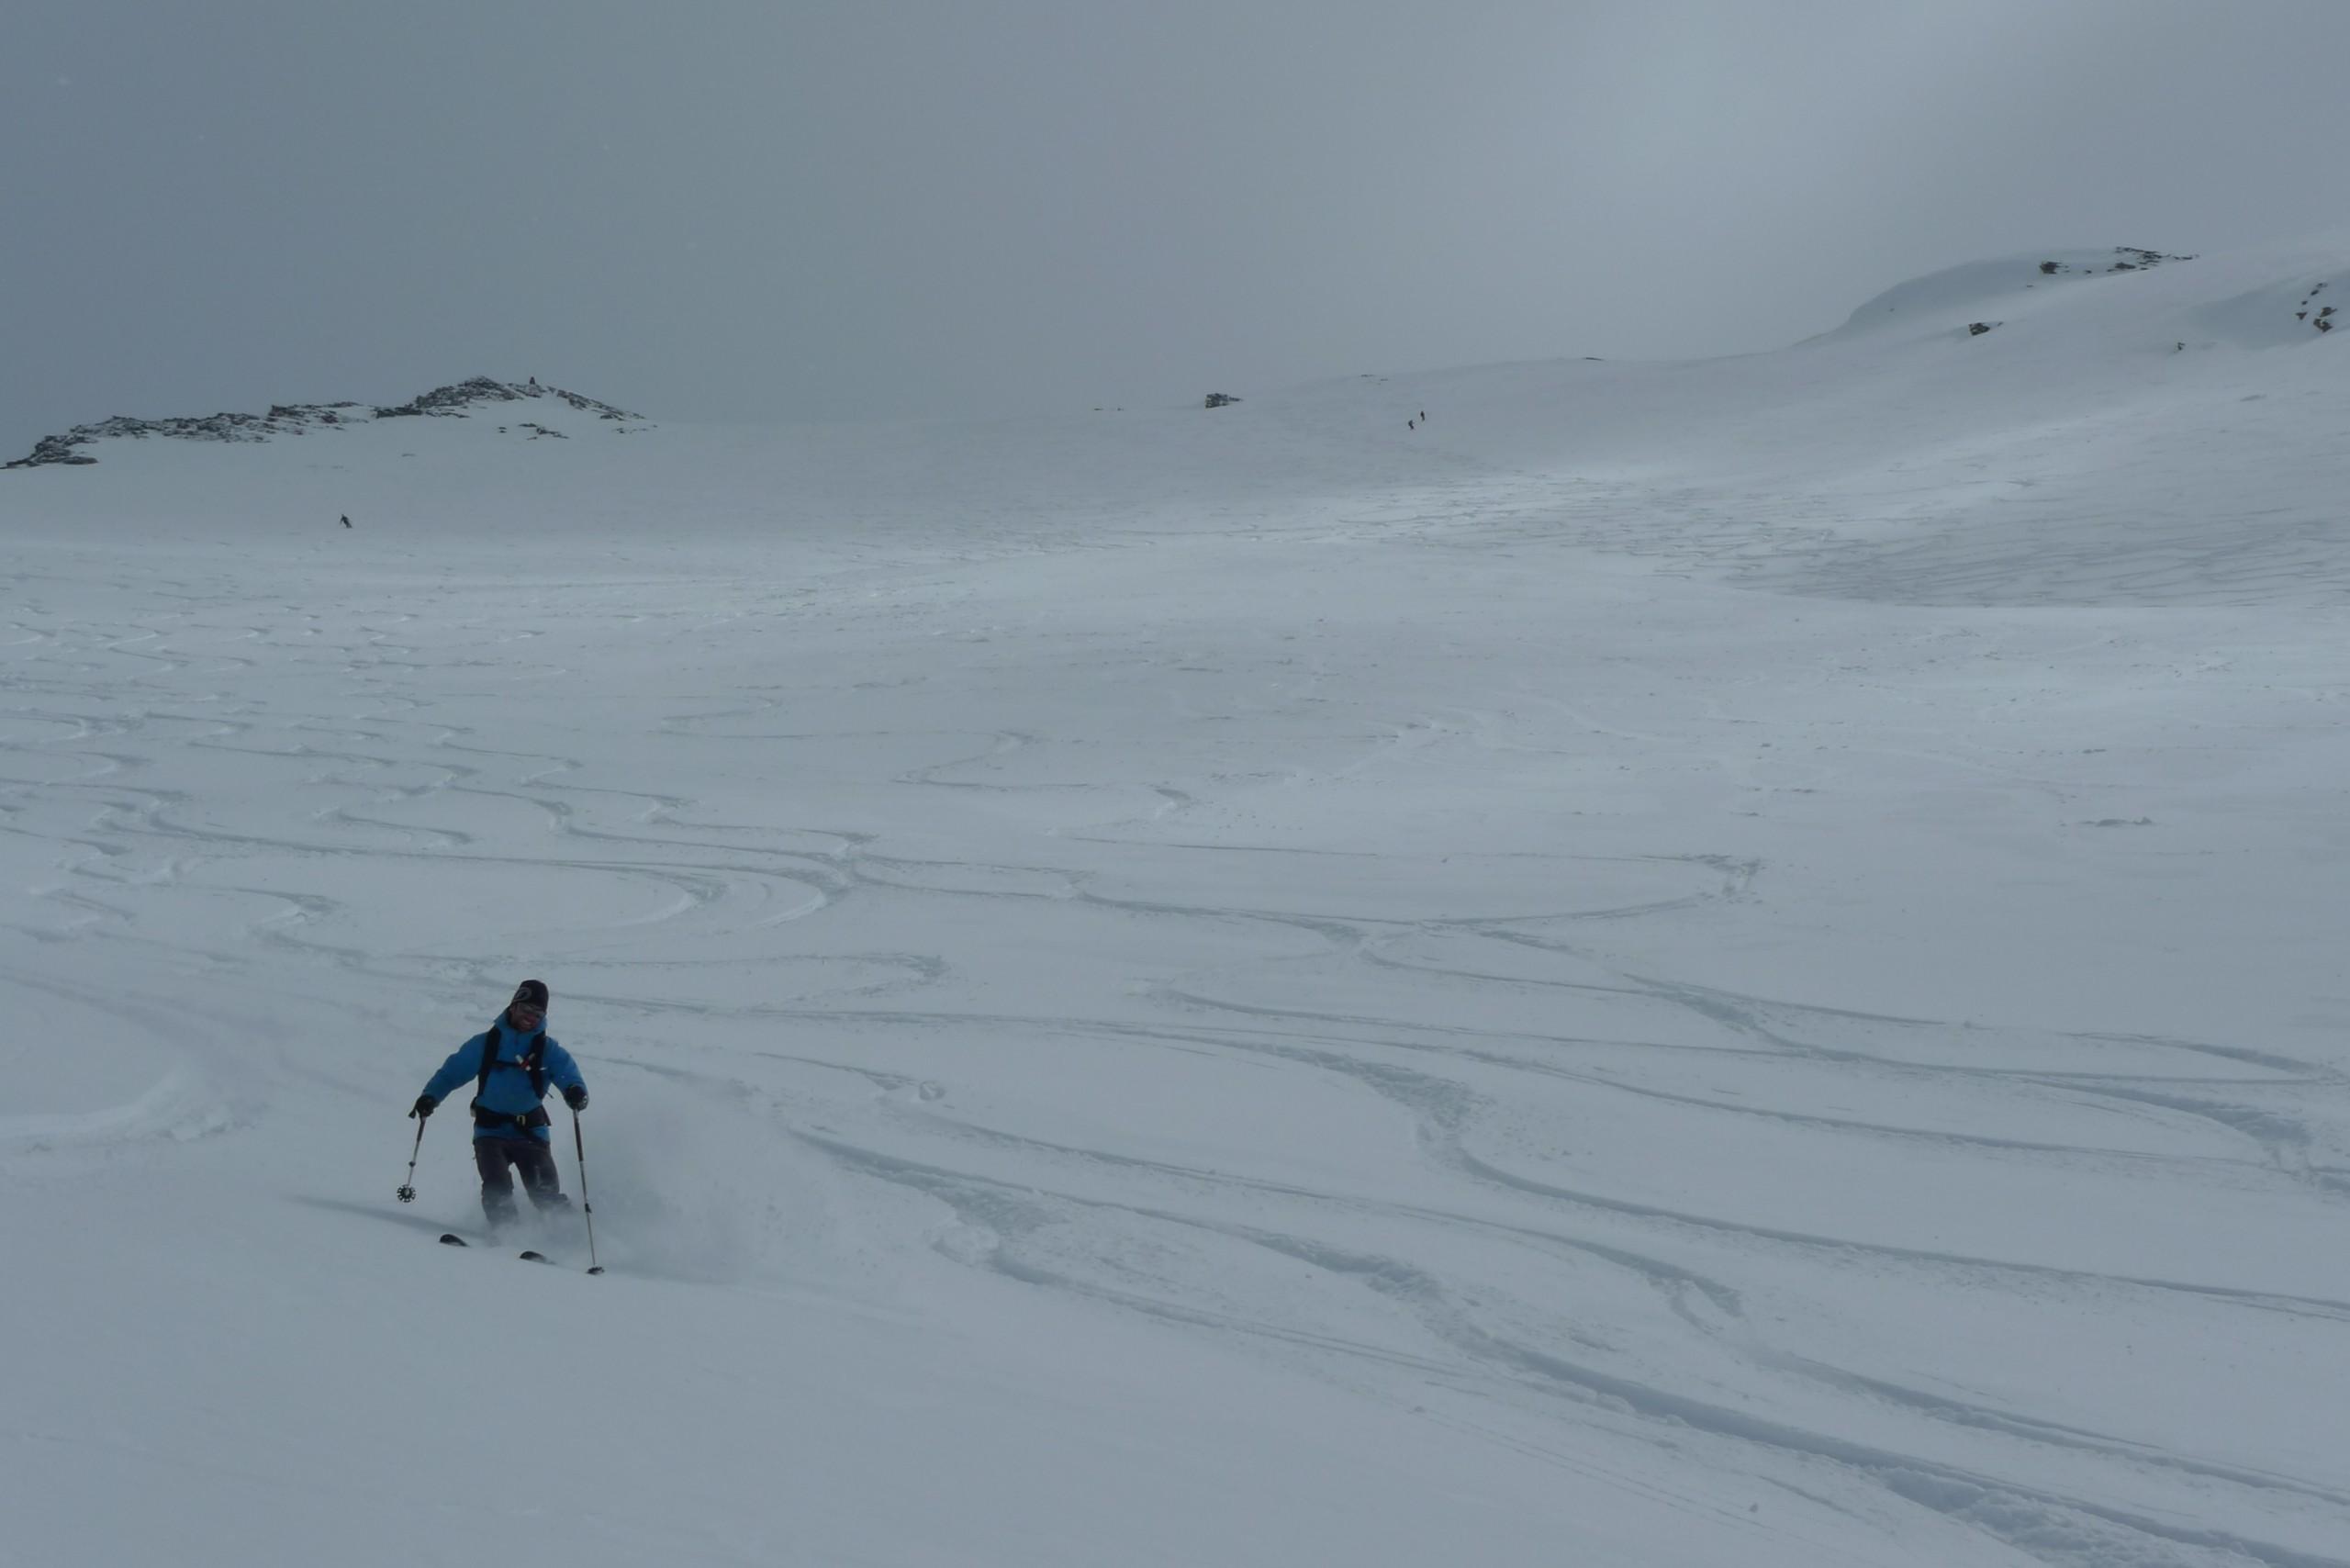 Un skieur hors piste descend un beau vallon plein de neige poudreuse sur Vars et Risoul.